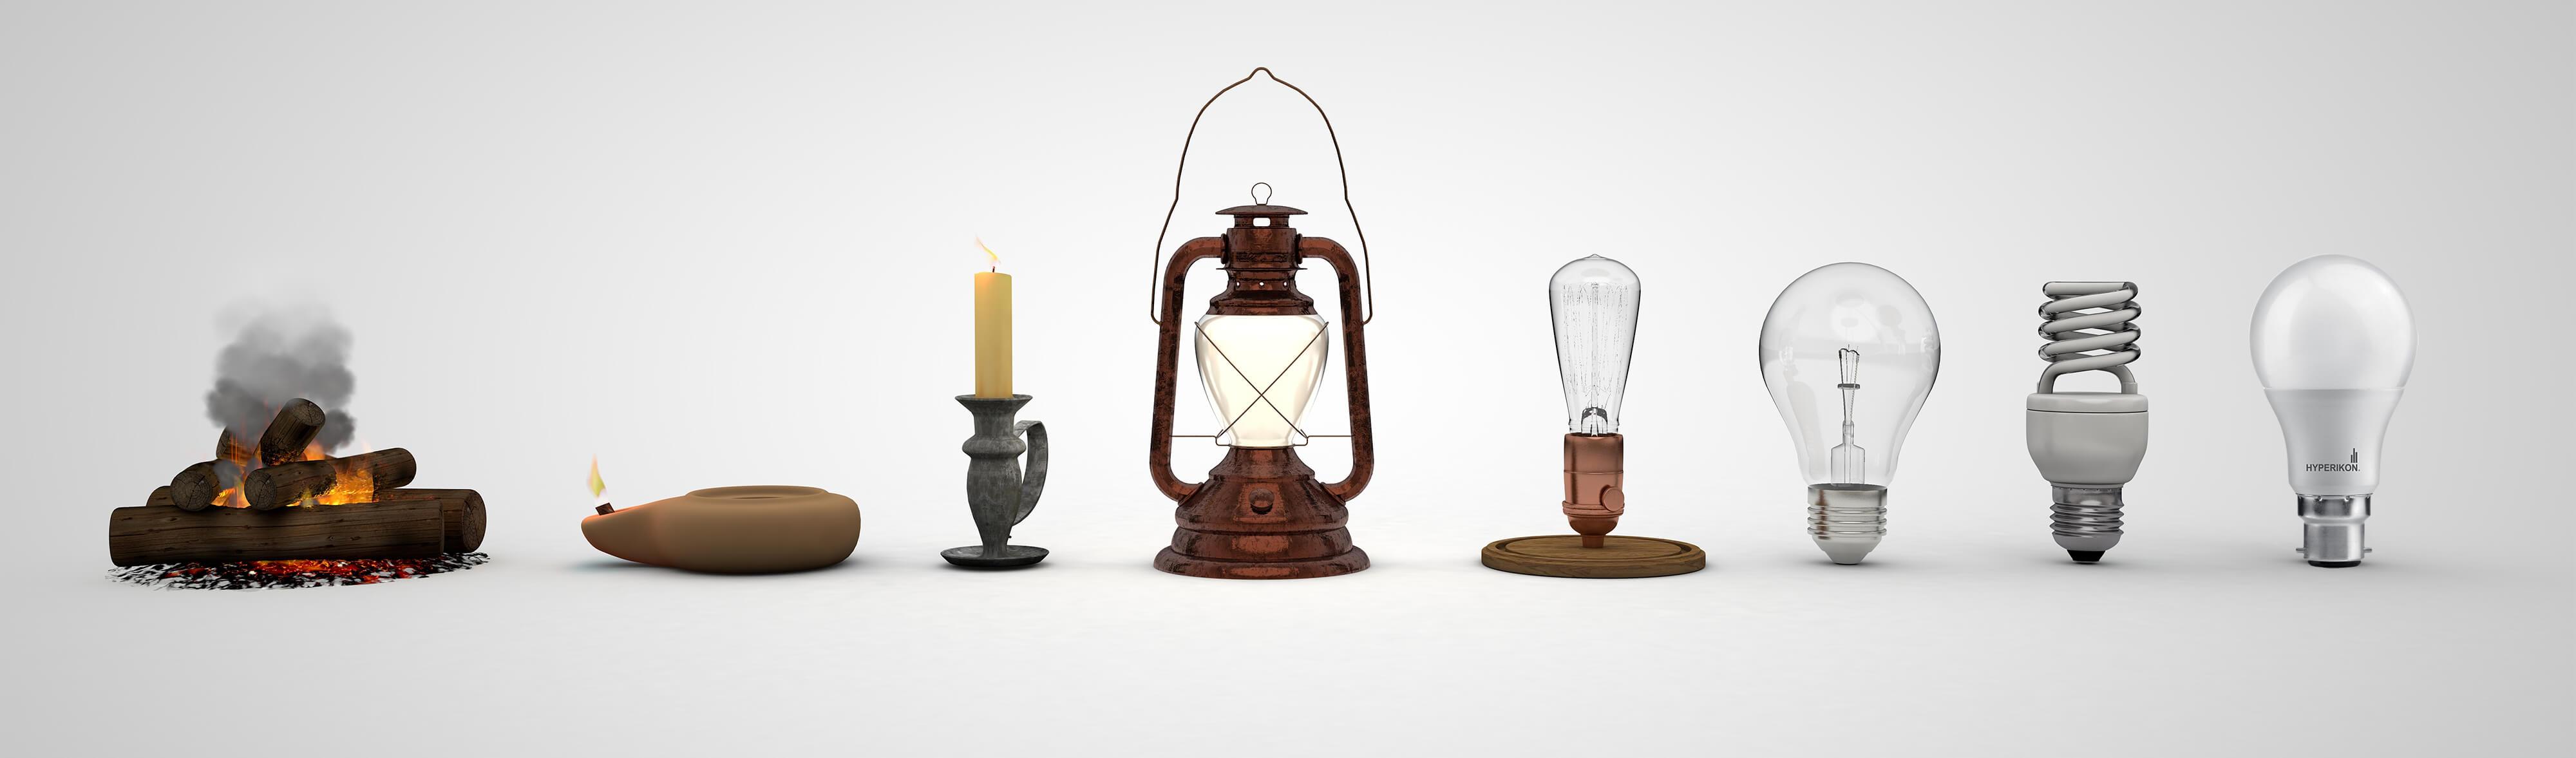 Độ sáng của đèn LED đem lại